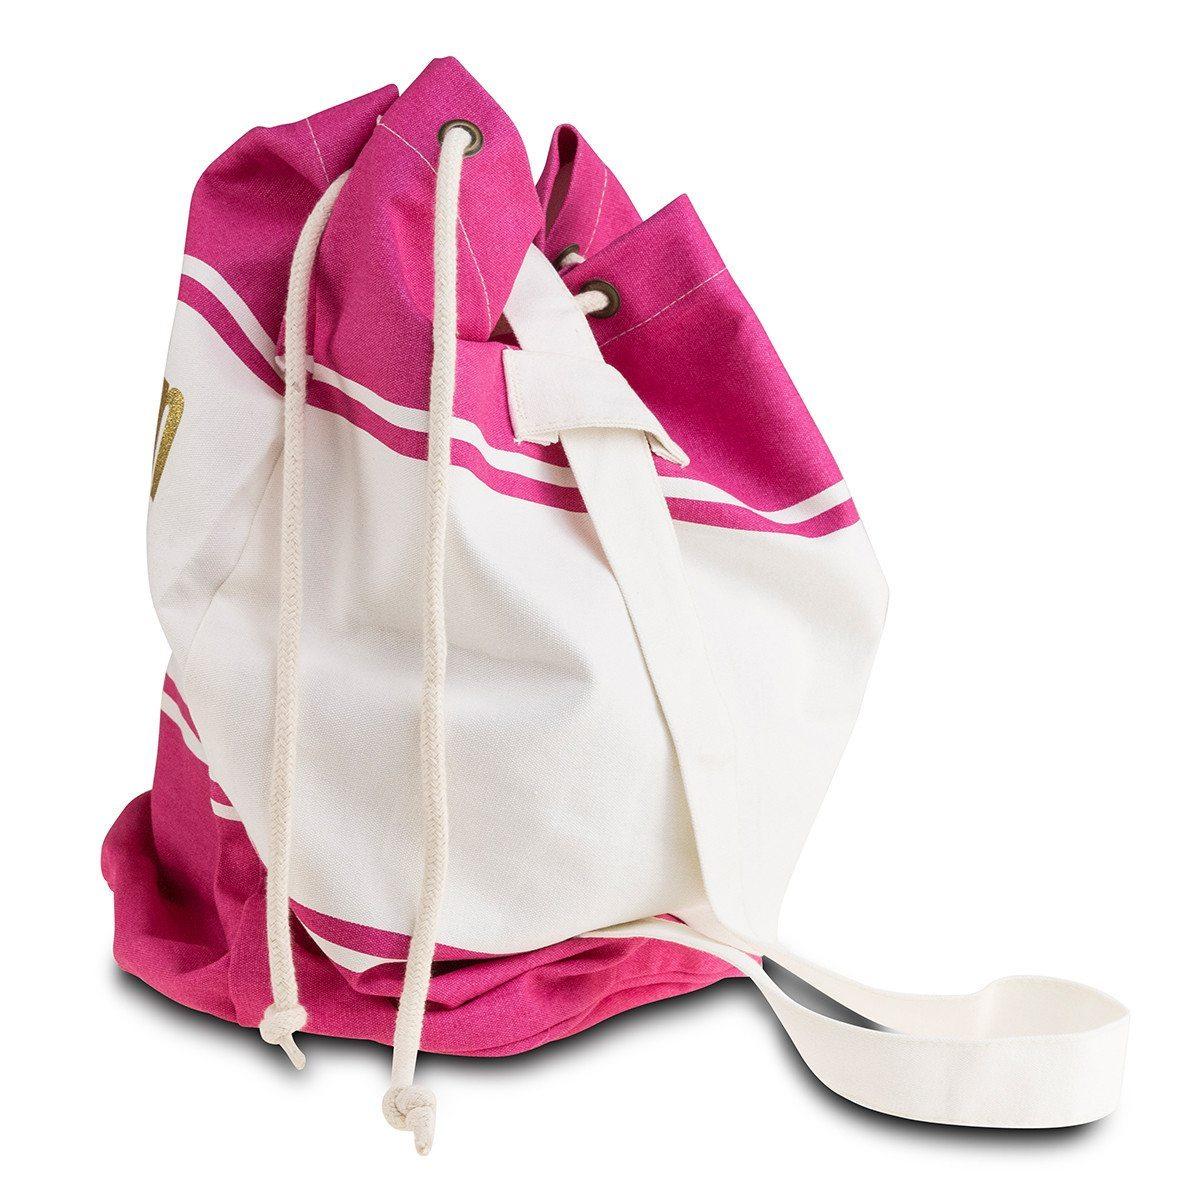 Bolso marinero de lona personalizado - Ideal para la playa